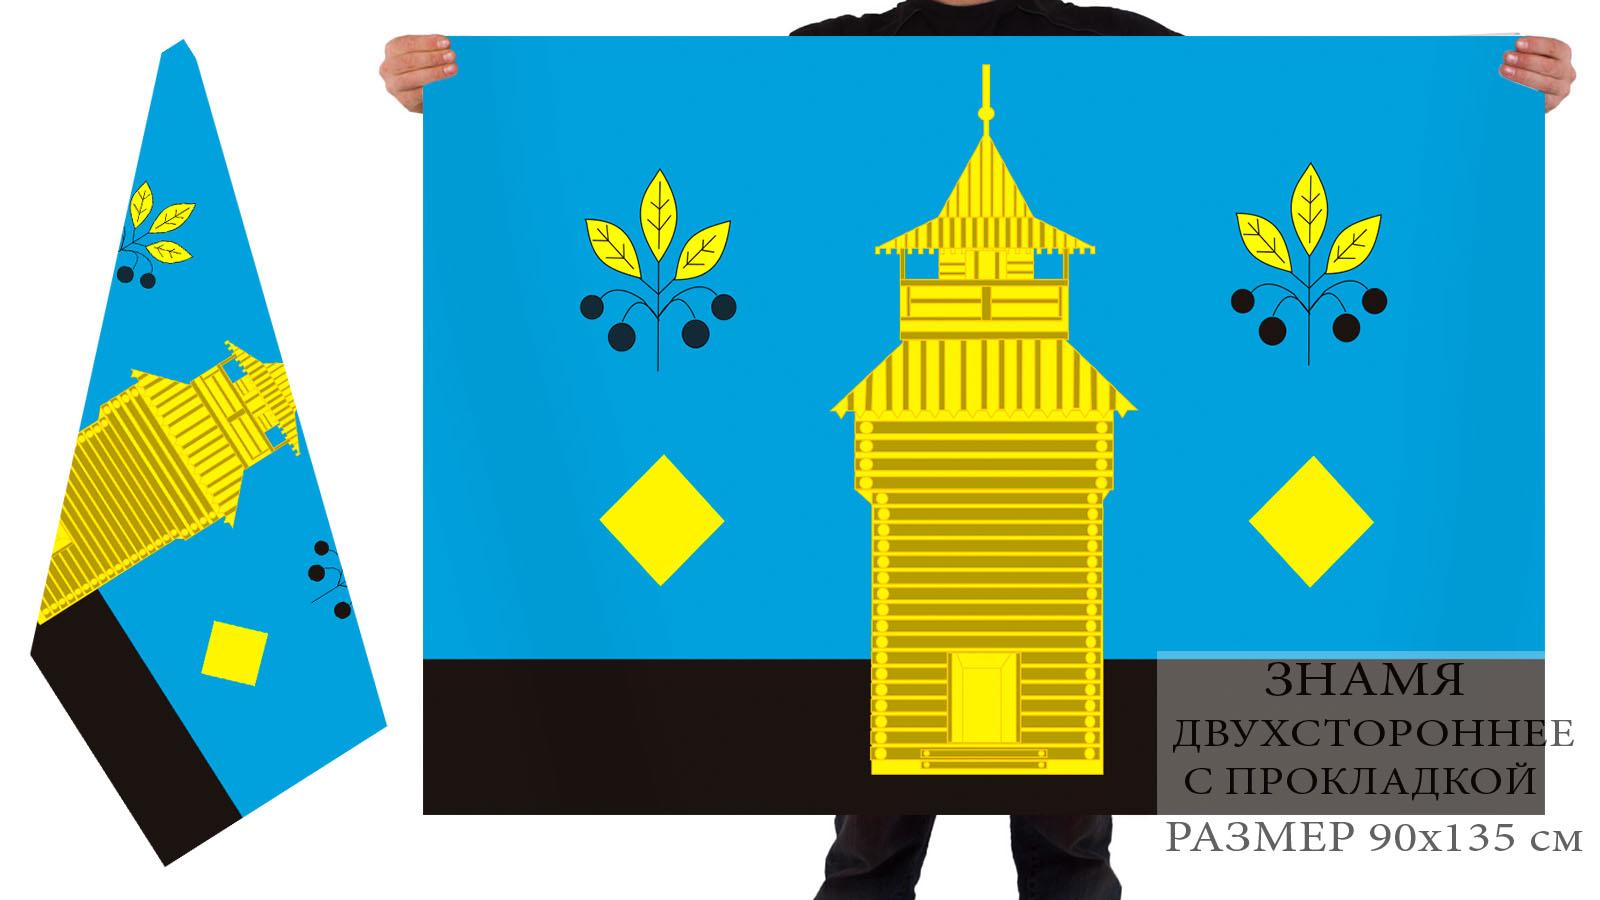 Купить флаг Черемховского районного МО